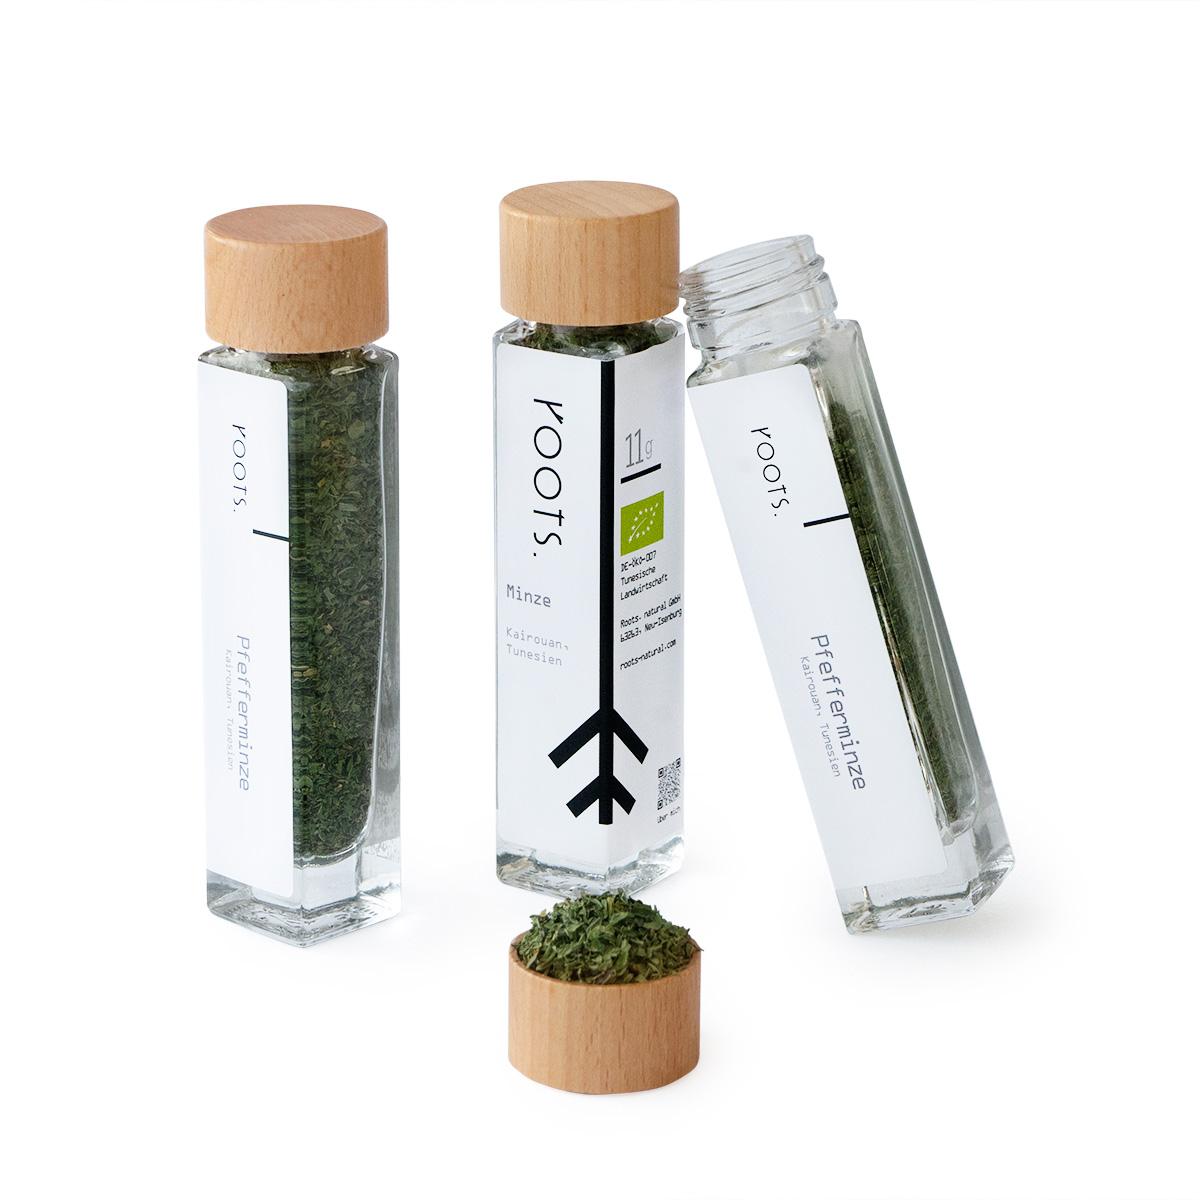 Pfefferminze bio kaufen im schönen Gewürz-Glas von roots natürlich und direkt aus Tunesien